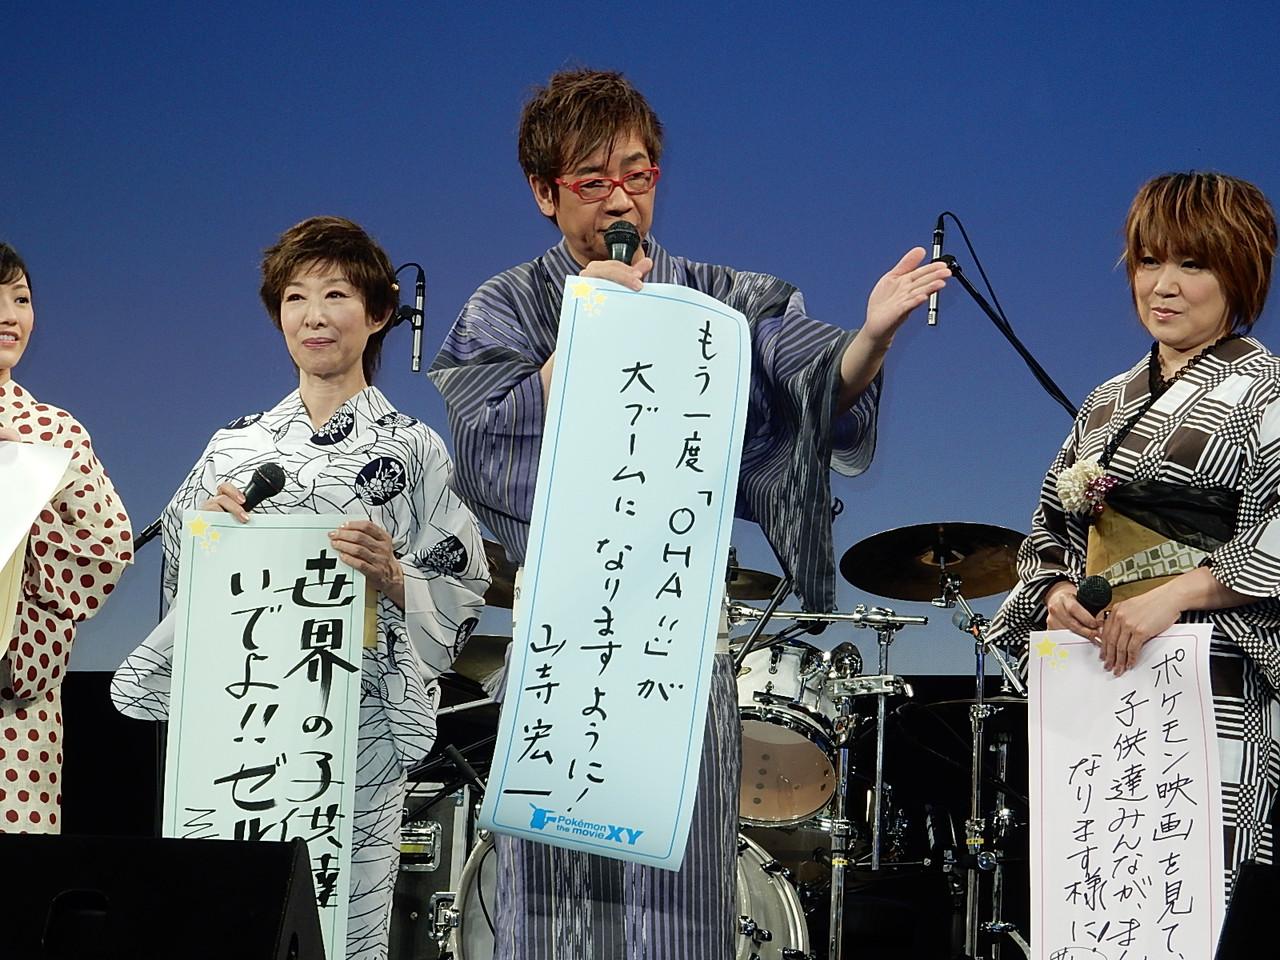 よしもとニュースセンター : ポケモン映画完成披露舞台挨拶で、ゲスト